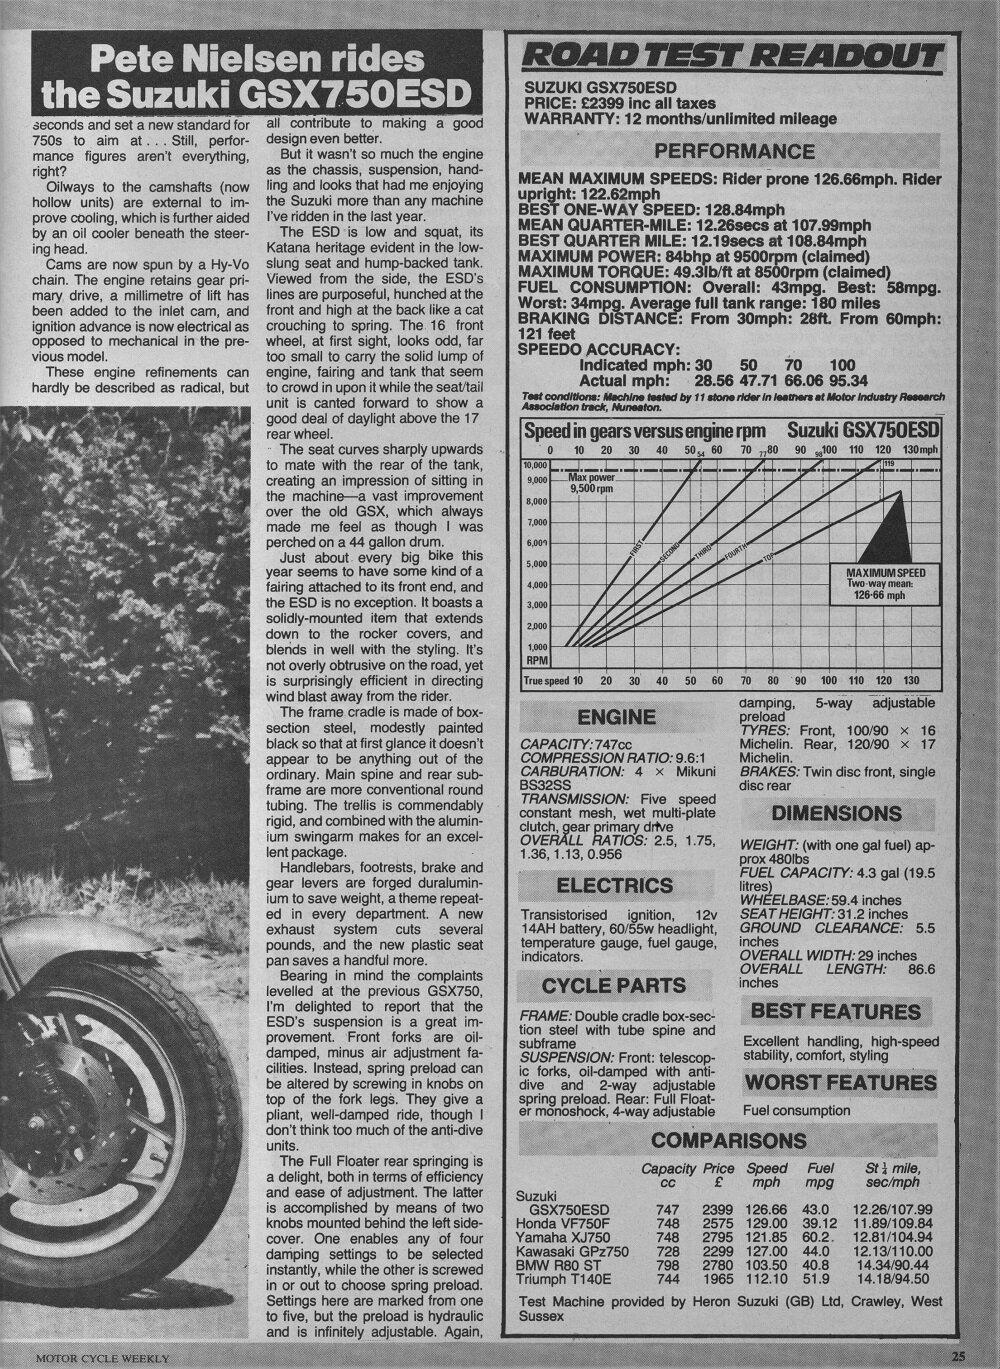 1983 Suzuki GSX750ESD road test.2.jpg